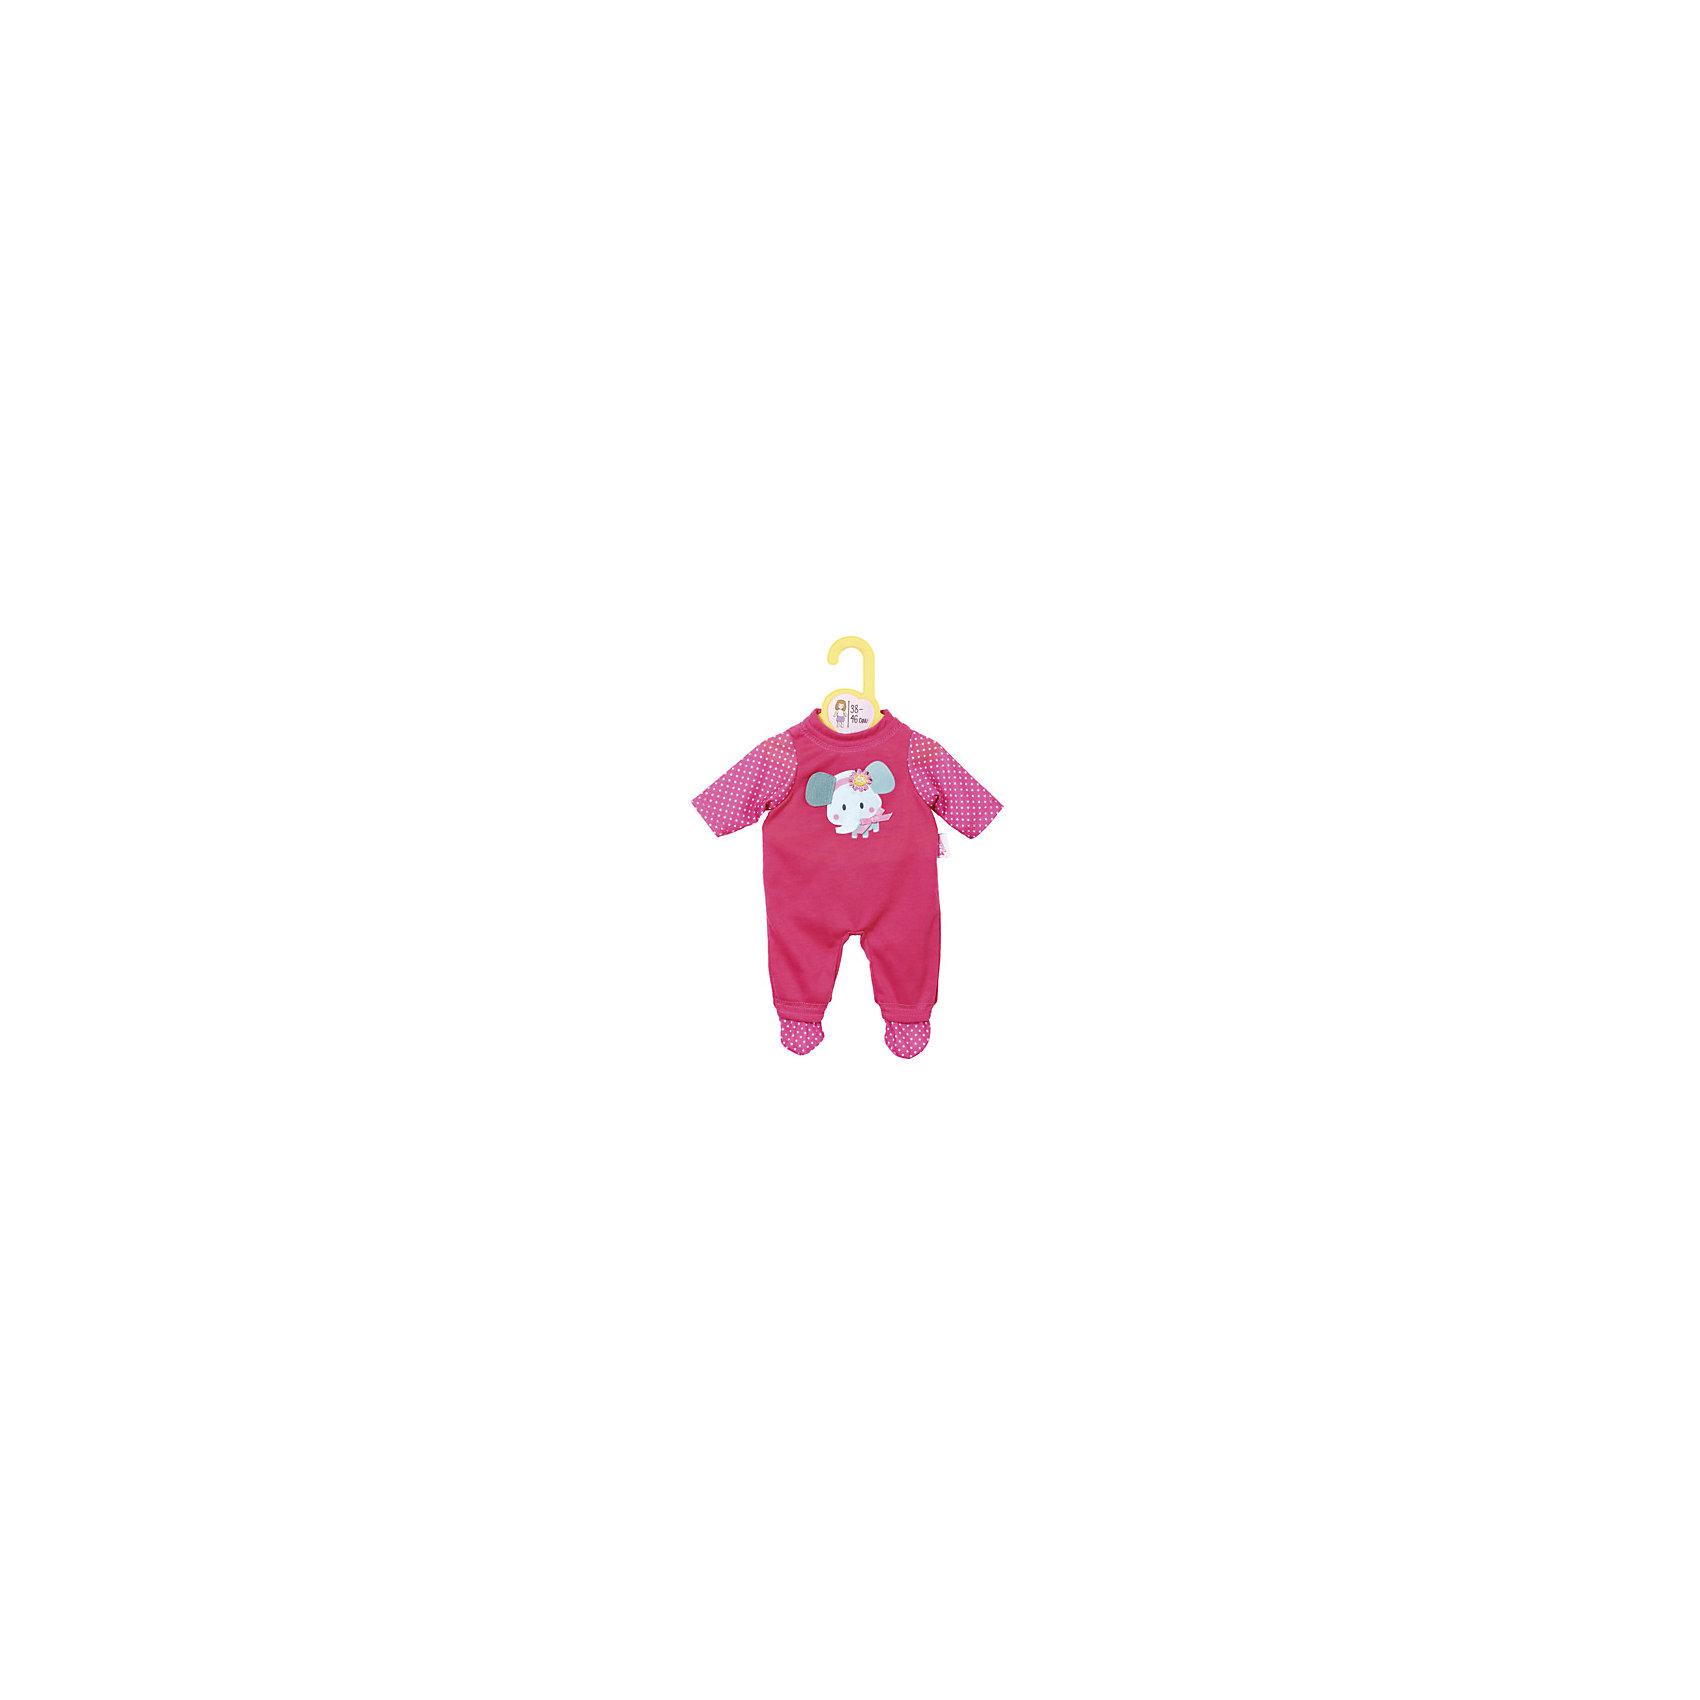 Комбинезончики, в ассортименте, Zapf CreationУютный комбинезончик яркого цвета с прнтом животного. Подходит куклам BABY born 43 см и Baby Annabell 43 см<br><br>Ширина мм: 8<br>Глубина мм: 200<br>Высота мм: 300<br>Вес г: 155<br>Возраст от месяцев: 36<br>Возраст до месяцев: 2147483647<br>Пол: Женский<br>Возраст: Детский<br>SKU: 5478818